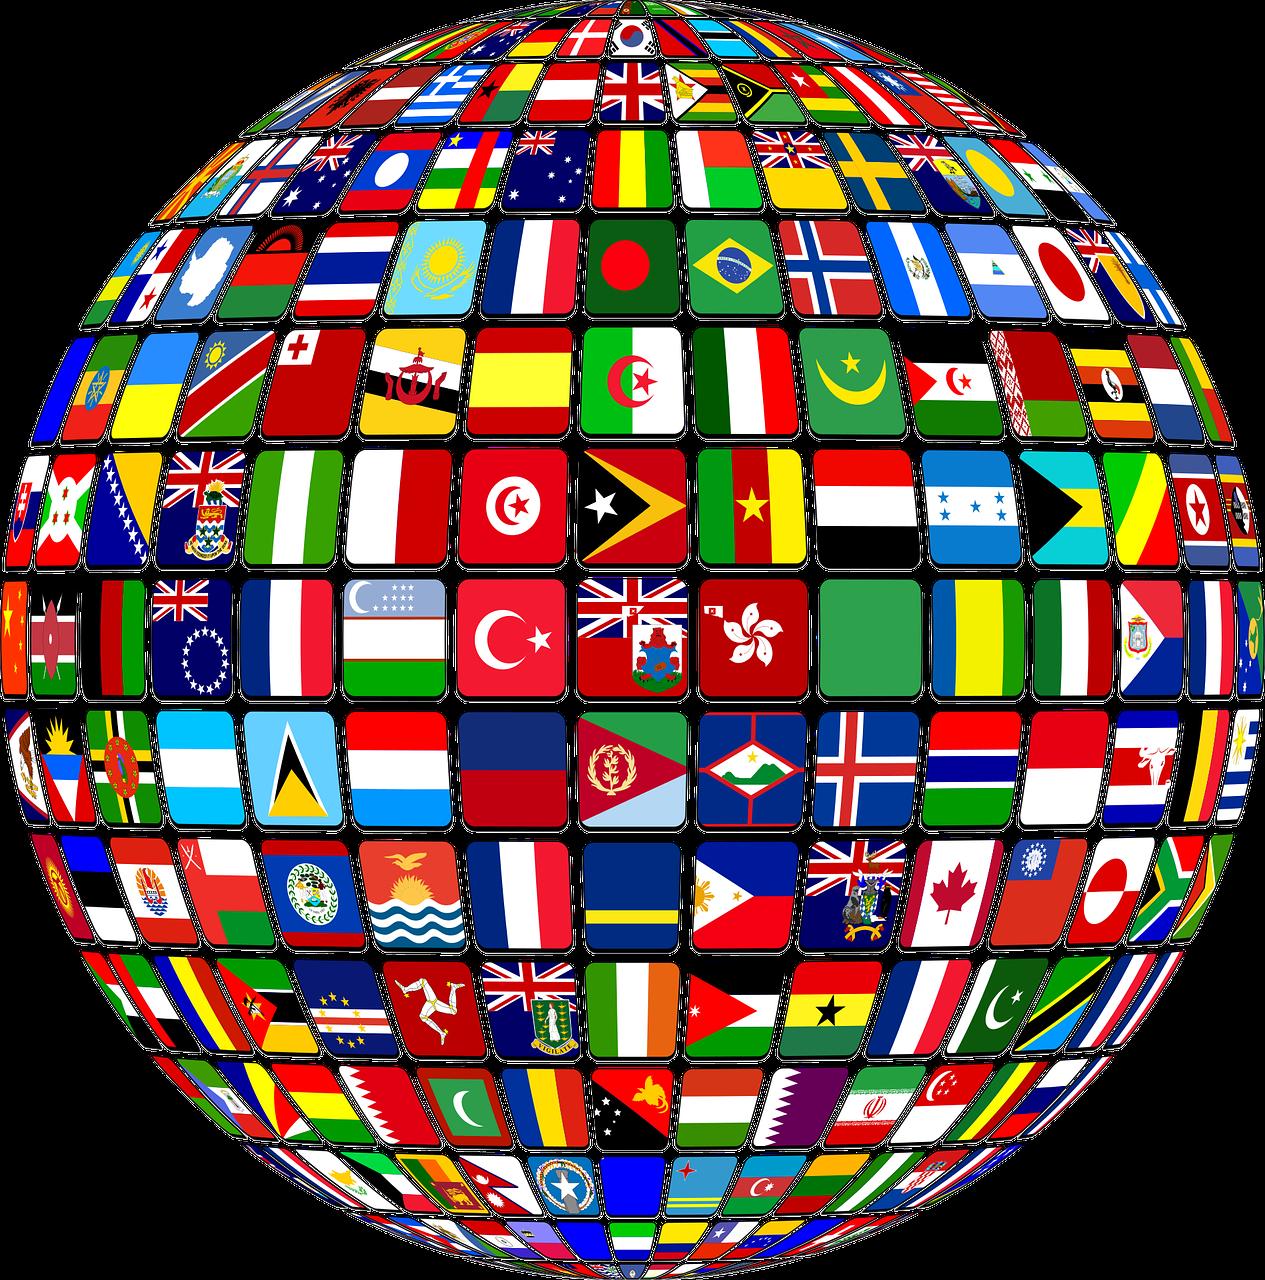 Consigli per imparare bene e velocemente una lingua straniera